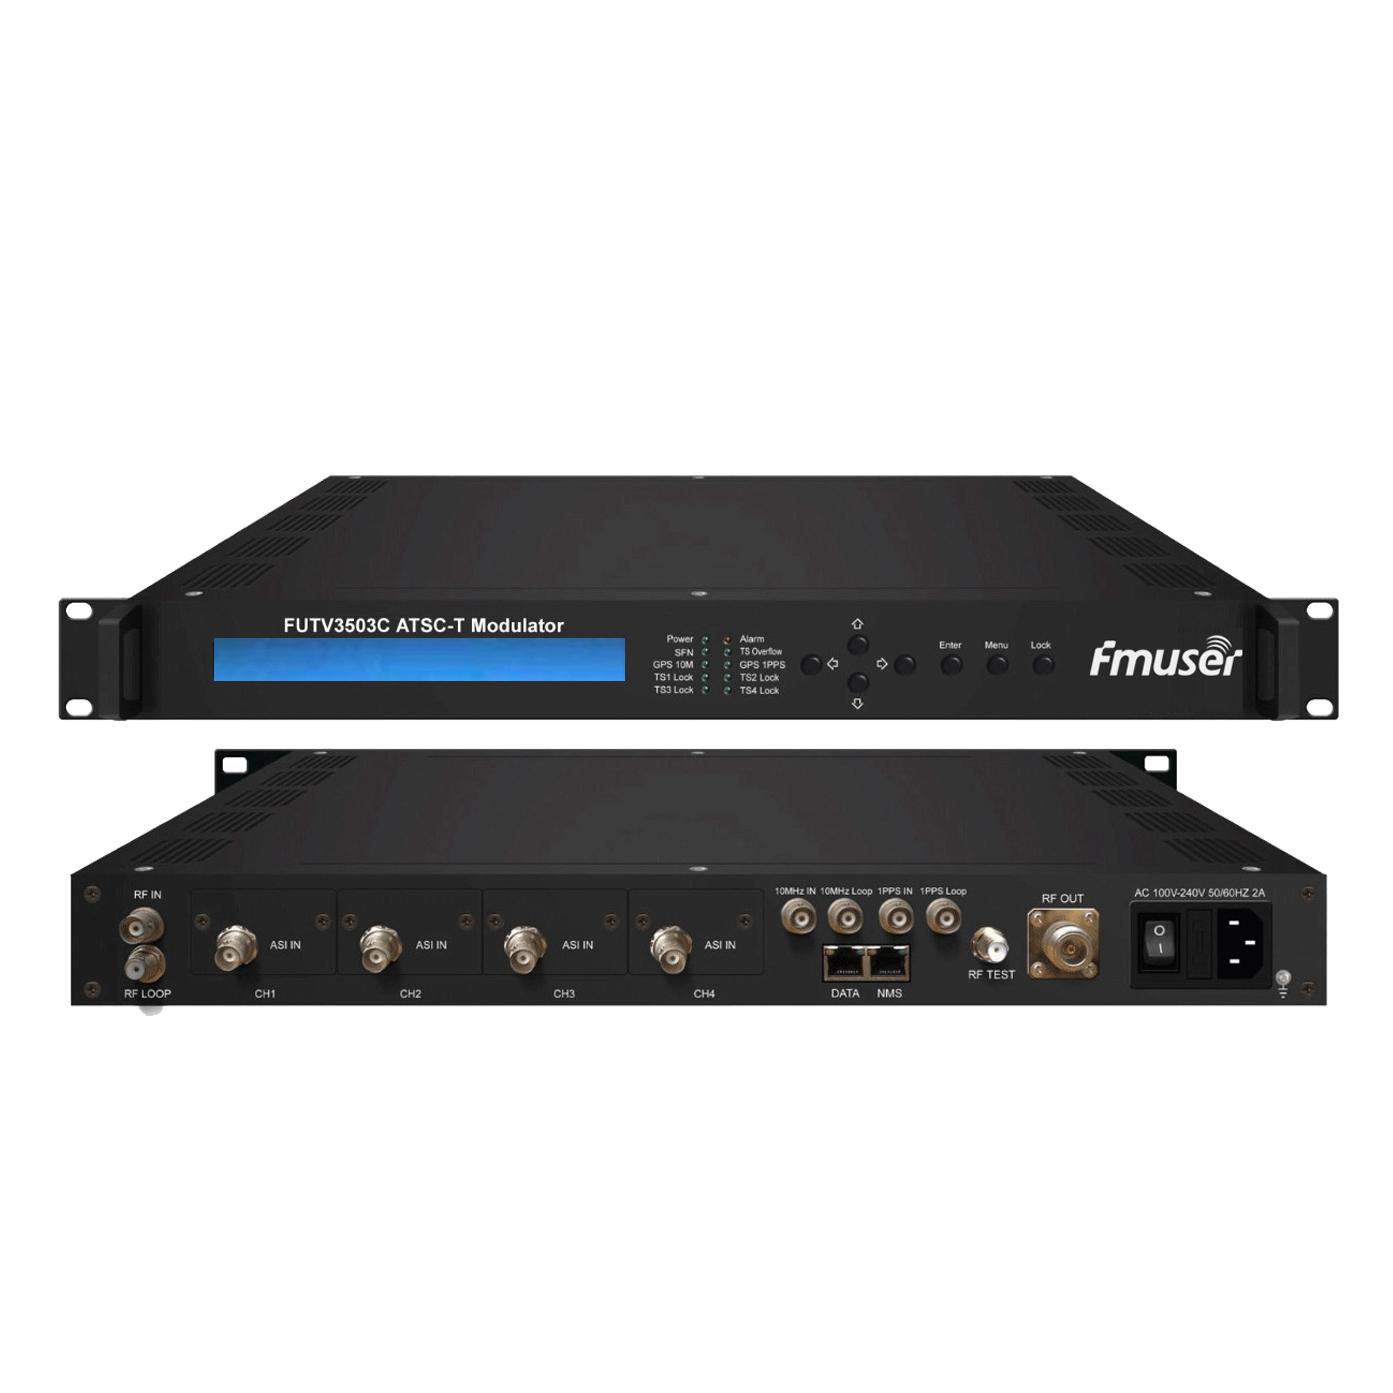 FMUSER FUTV3503C ATSC-T 8VSB modulátor 8-VSB do RF modulaci (2 * ASI / 2 * SMPTE 310M vstup RF ontput, ATSC 8VSB modulace) s vedením sítě